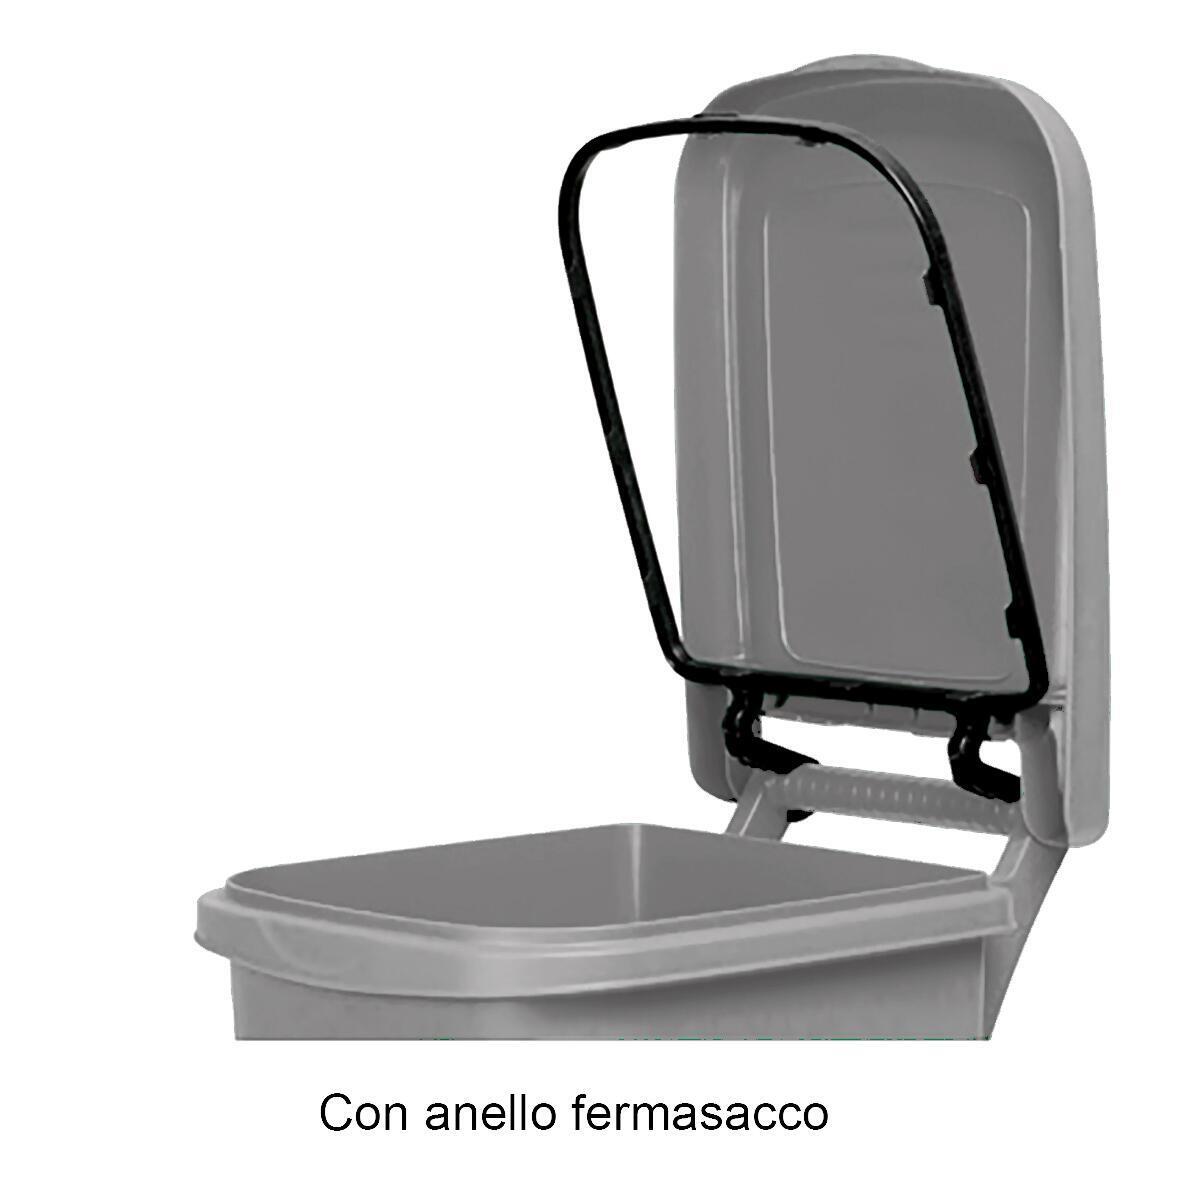 Bidone in plastica STEFANPLAST carrellato Urban Eco System 80 L, 2 ruote - 2